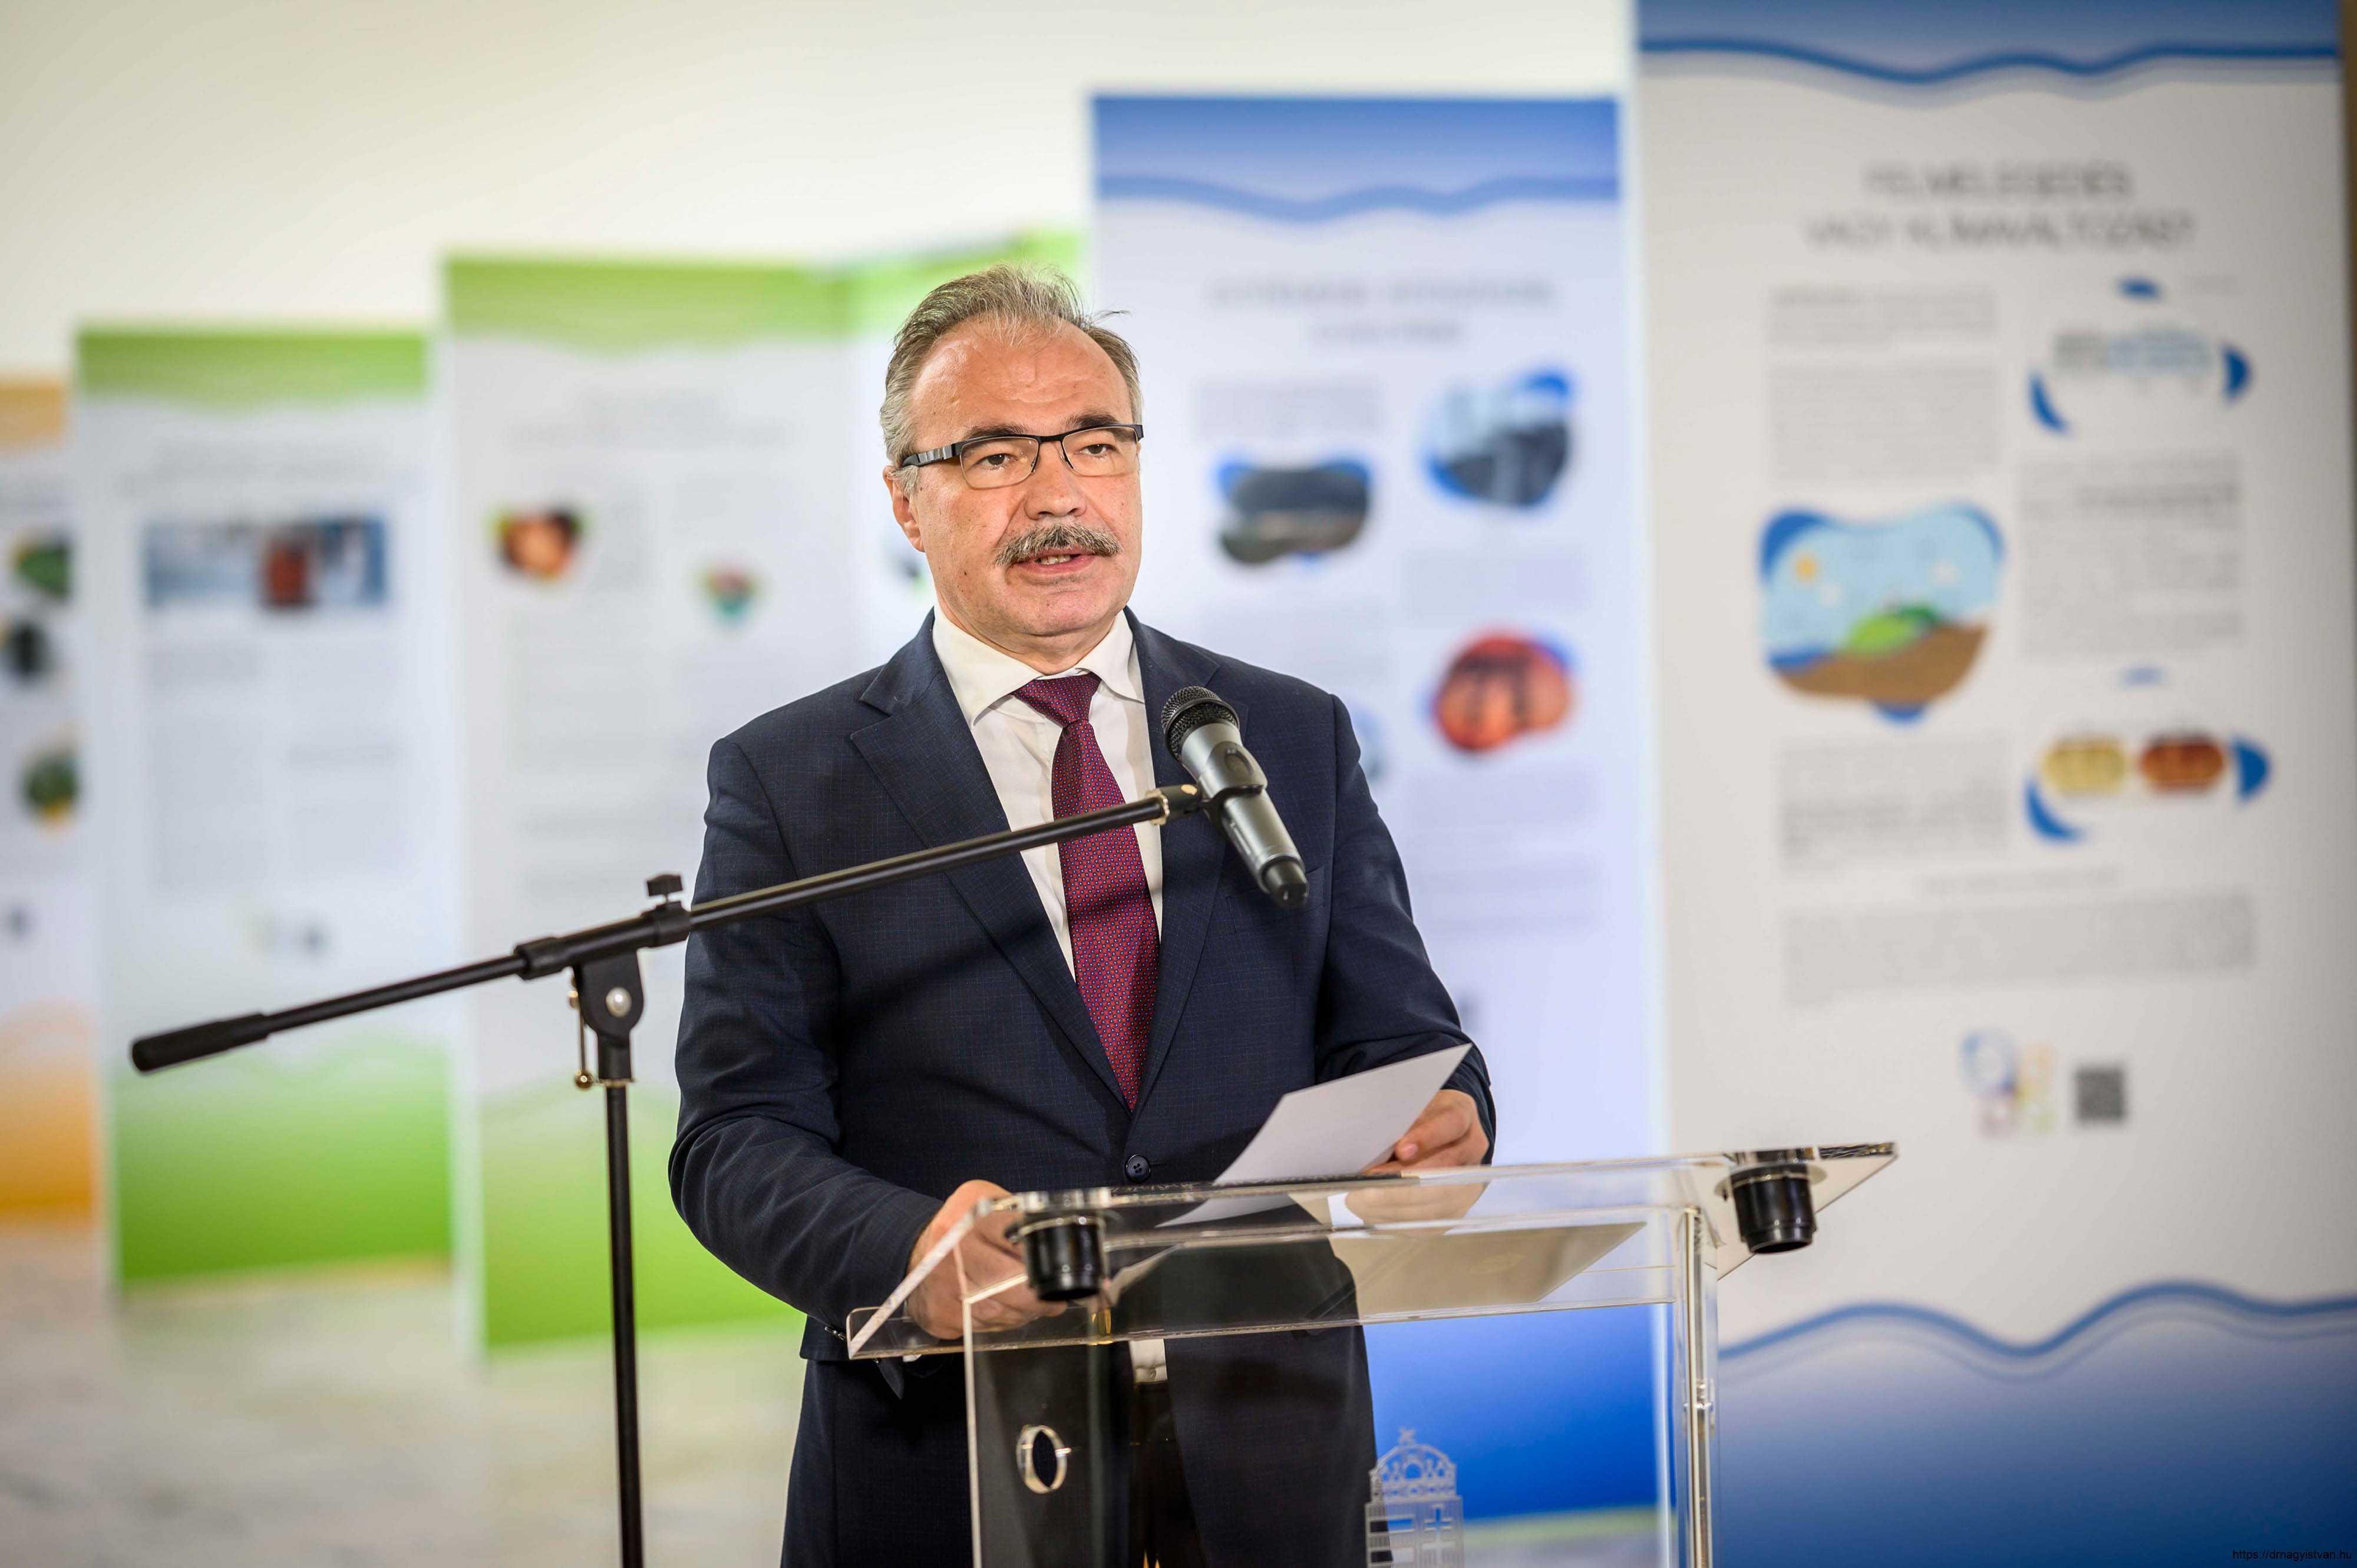 Változó-világunk-kihívásai-kiállítás-és-konferencia-Nagy-István-miniszter-8